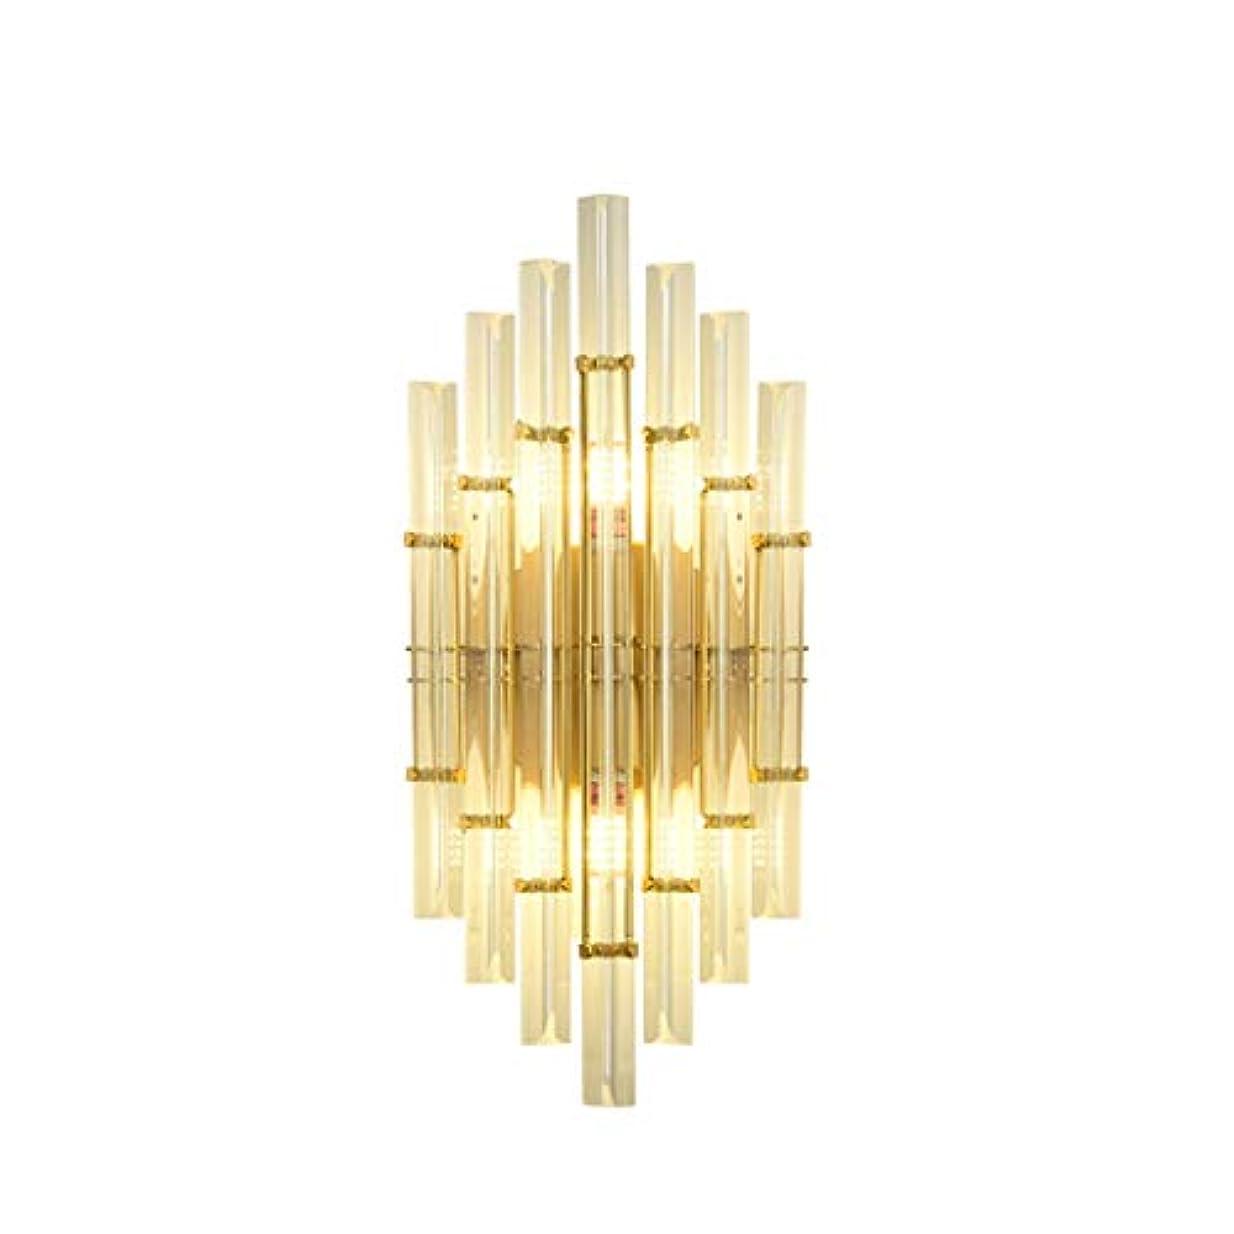 フォーカス弁護人メリーハードウェア吸引カップ通路通路のバルコニークリスタルガラスの装飾ランプ、E27、(22cm * 48cm)を備えた創造的なダイヤモンド形のゴールデンクリスタルウォールランプ